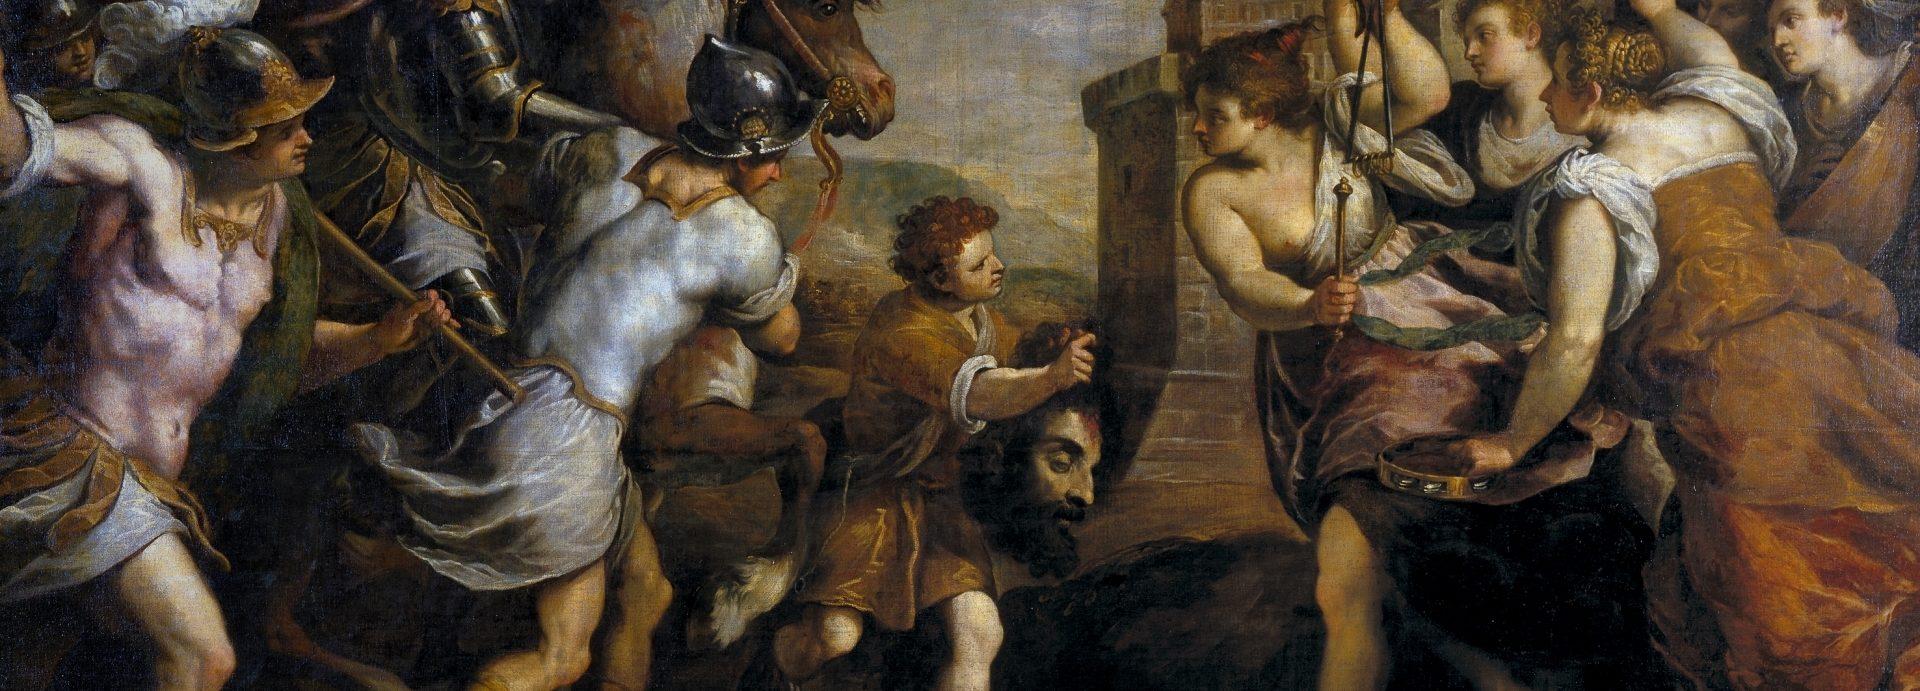 Lucha de Poder: un David sanguinario (1)